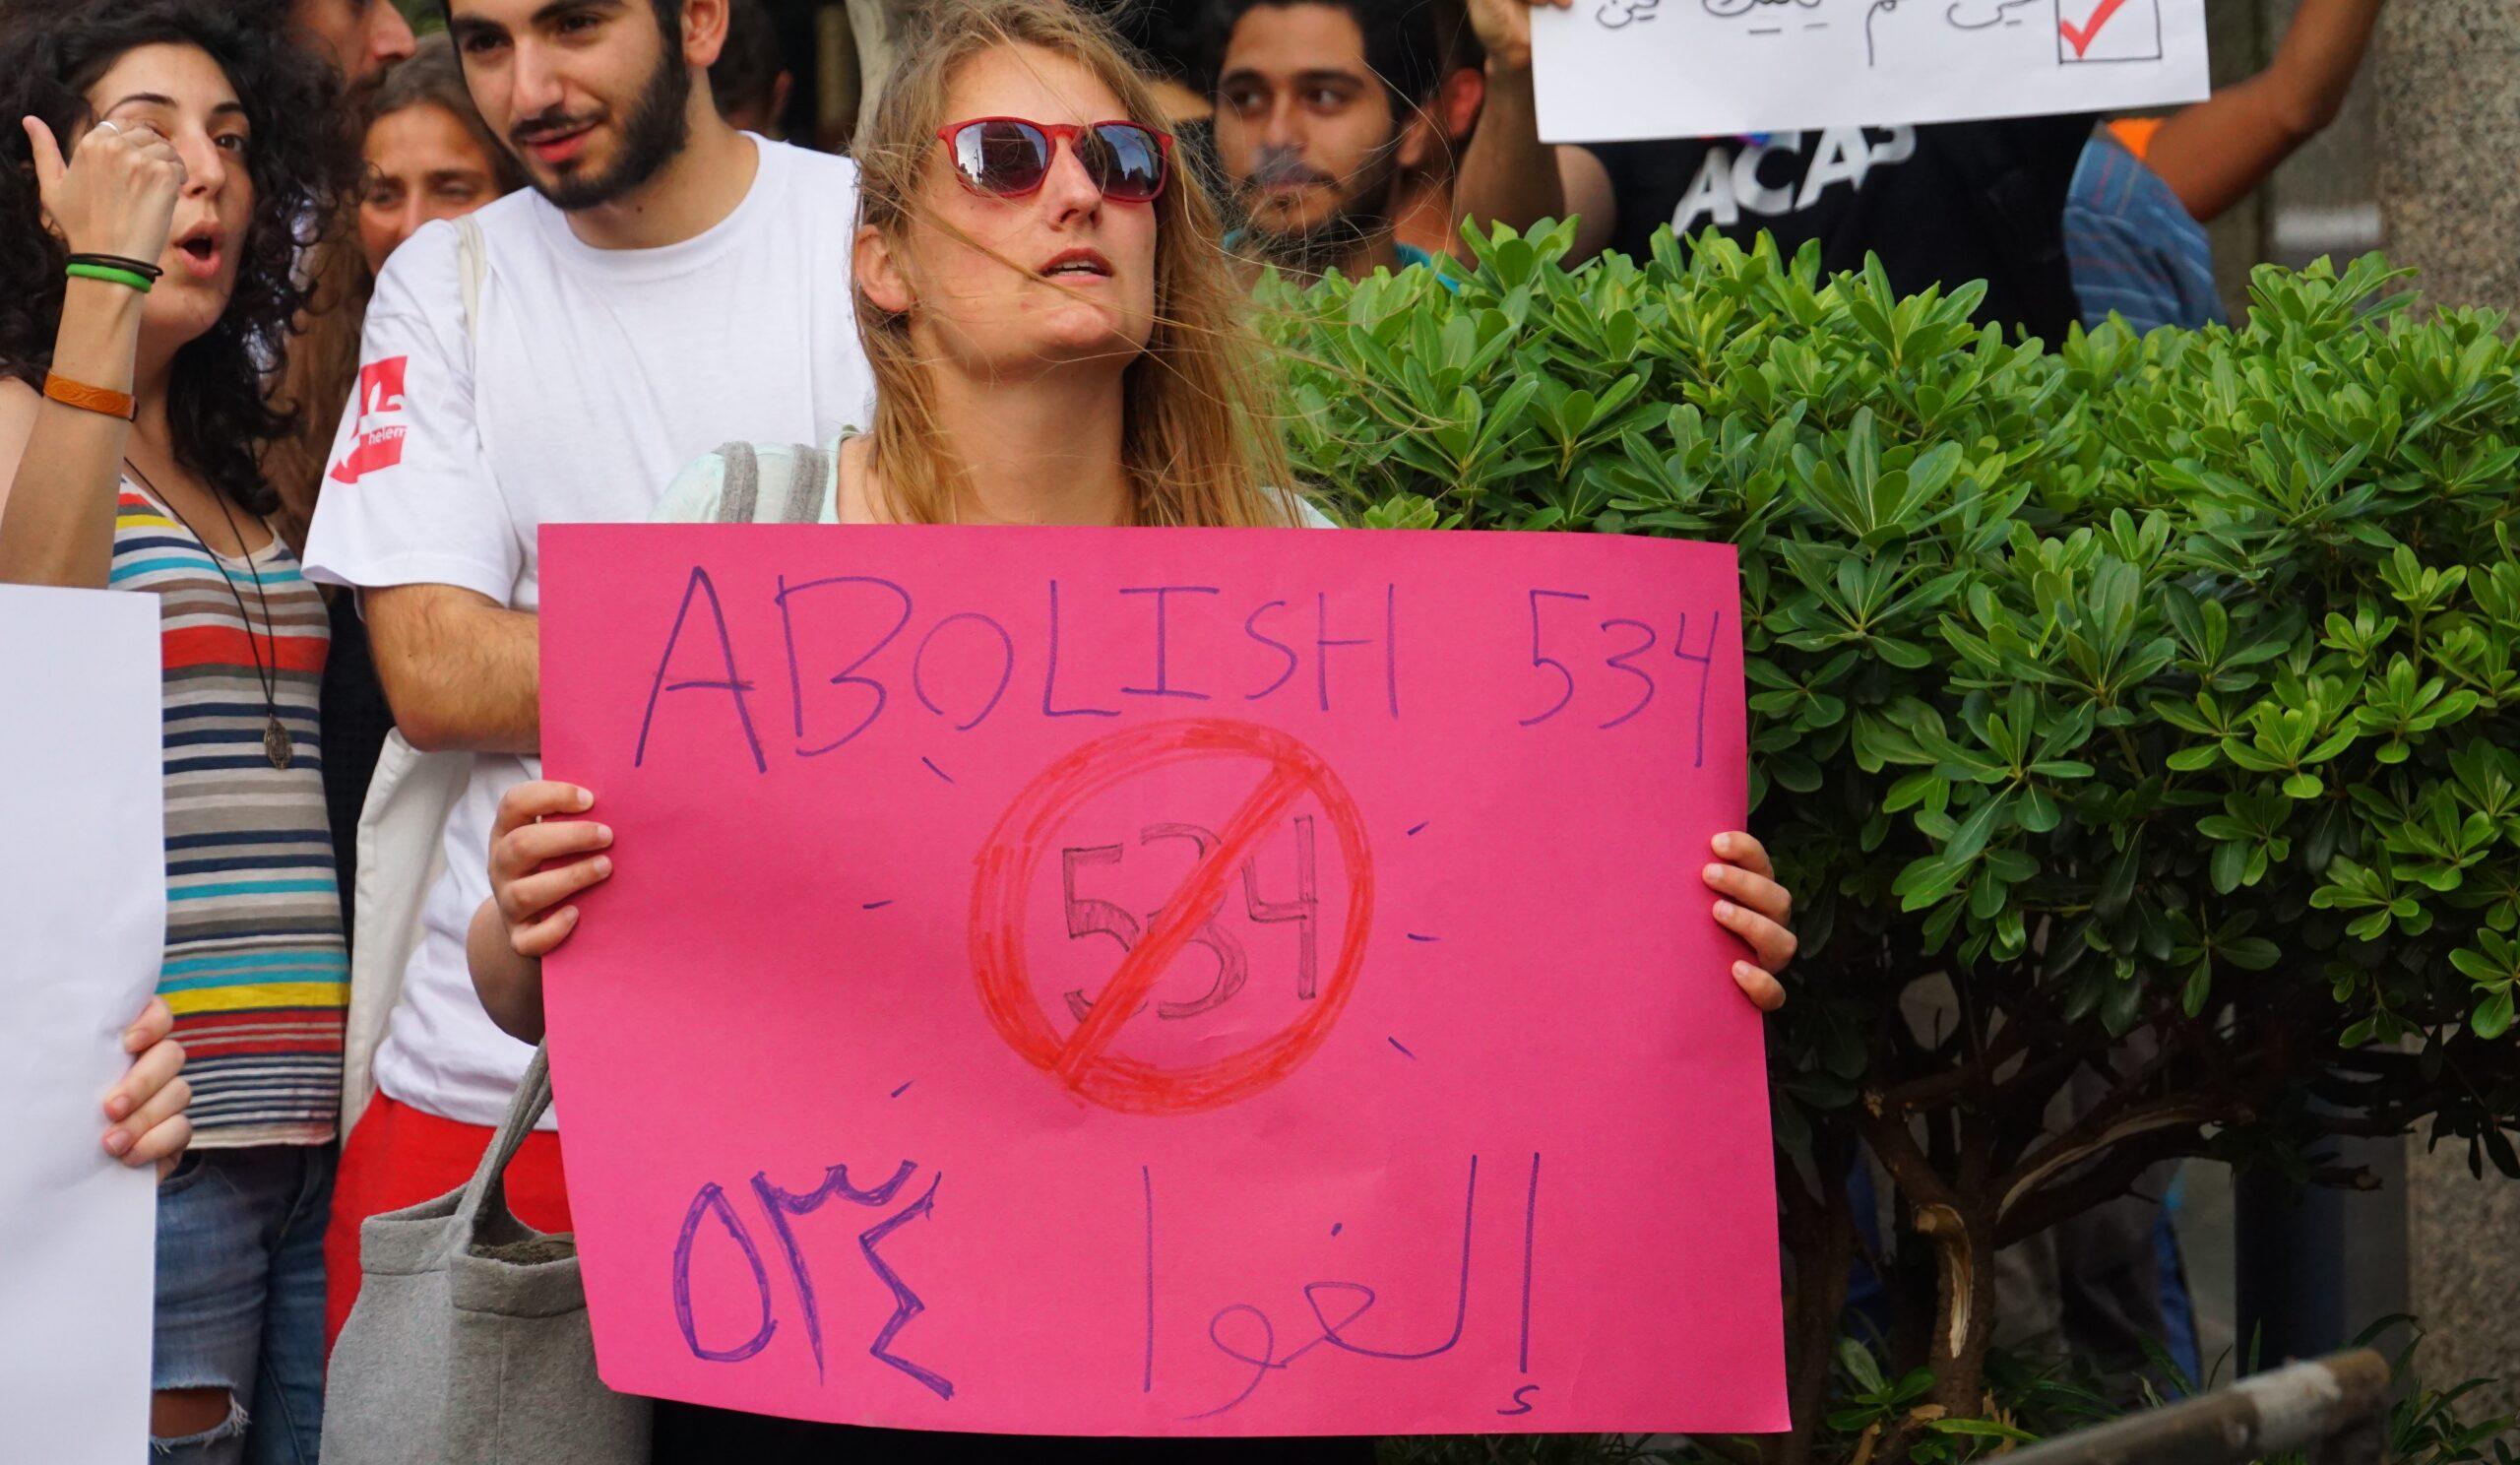 استئناف بيروت ترفض معاقبة المثلية خارج حالات الجرم المشهود: ومخالفة بمثابة درس بليغ في أصول التحقيقات الجزائية